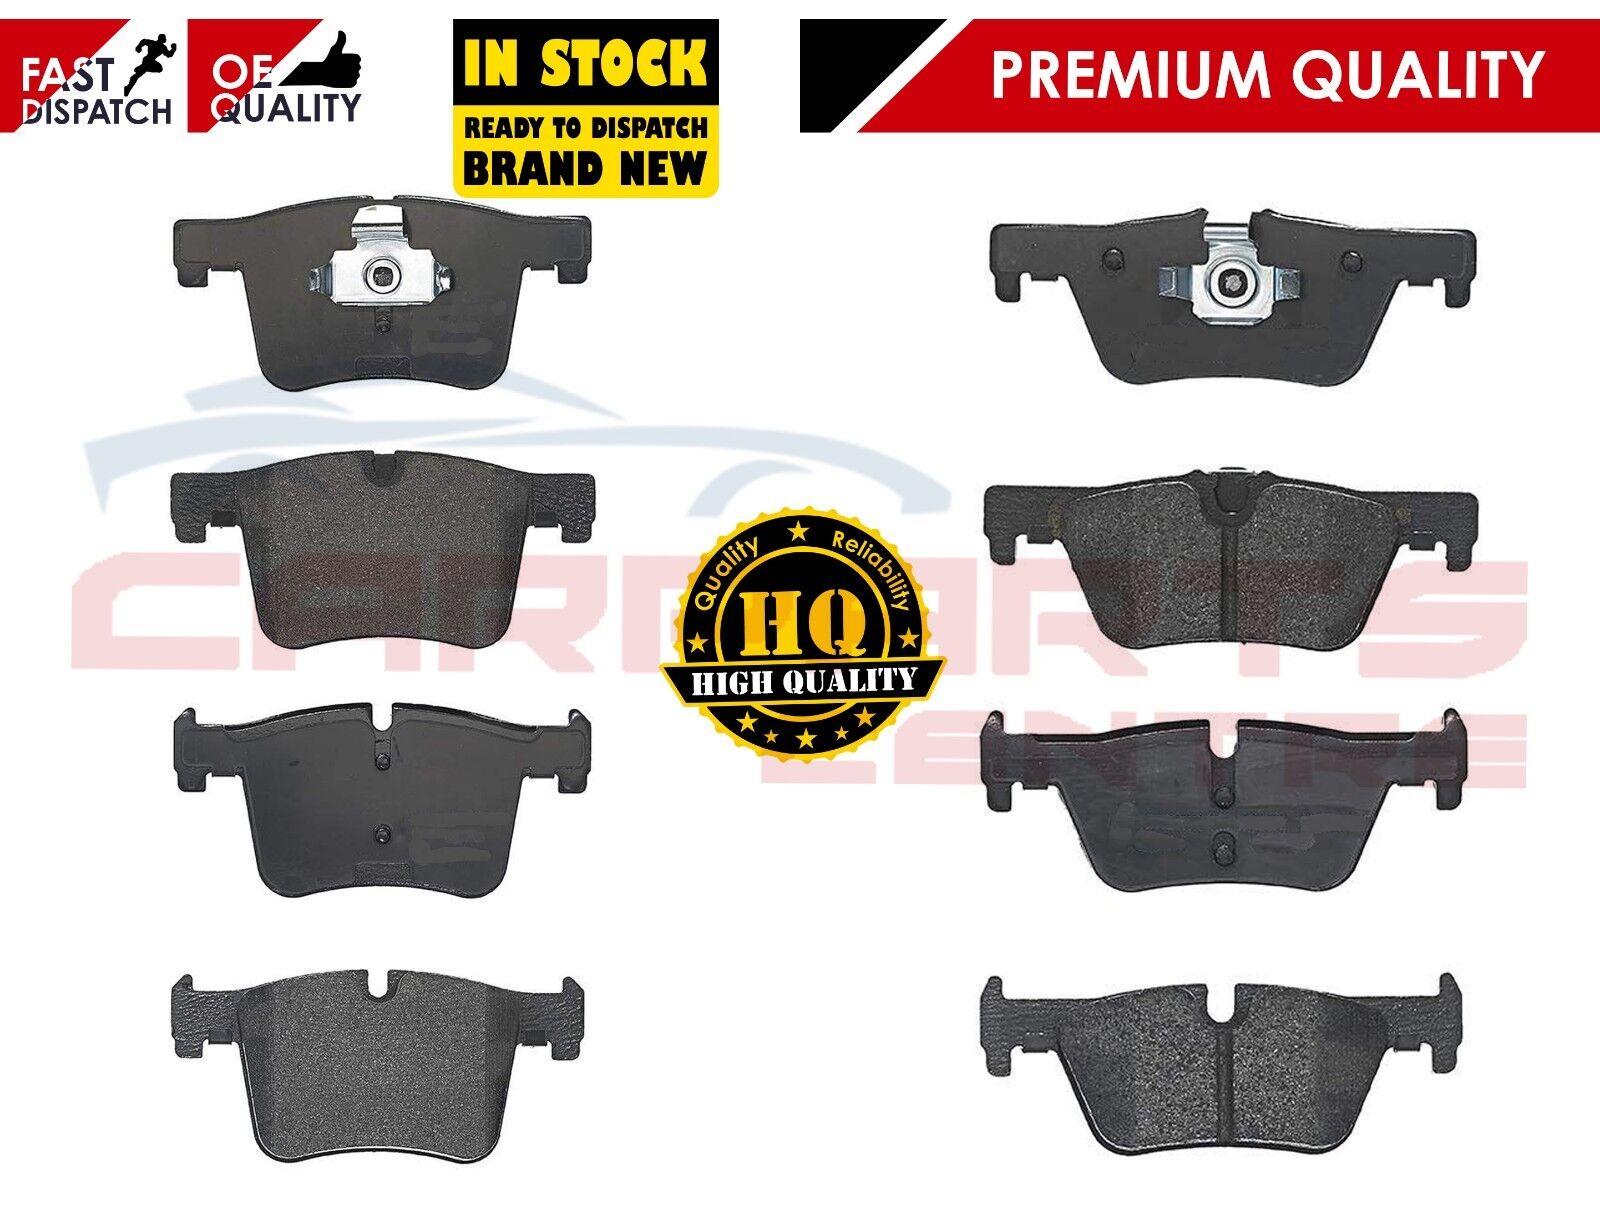 New Fits BMW 3 Series F30 320d Genuine Mintex Rear Brake Pads Set